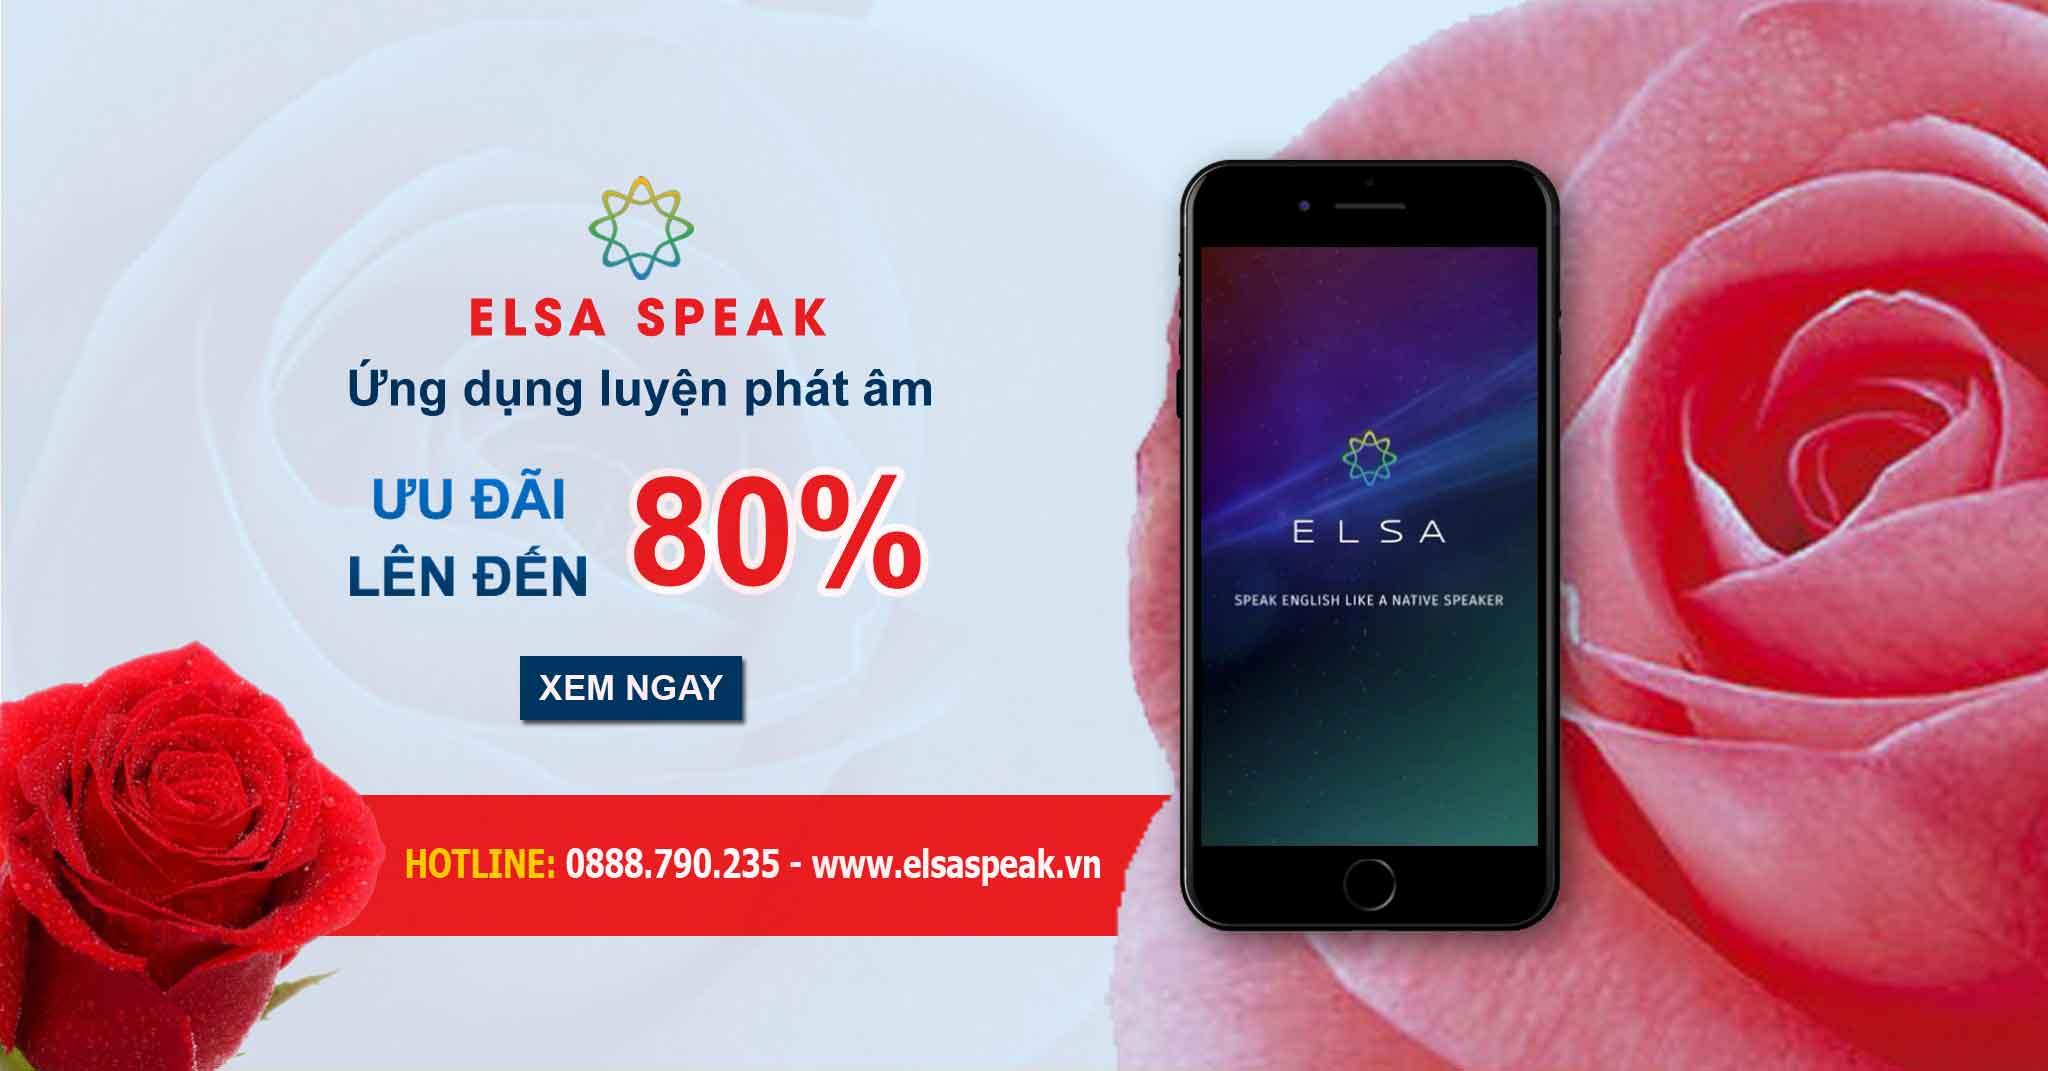 Ứng dụng luyện phát âm Elsa Speak giảm giá lên tới 80%, tặng thêm 2 code 3 tháng cho gói trọn đời